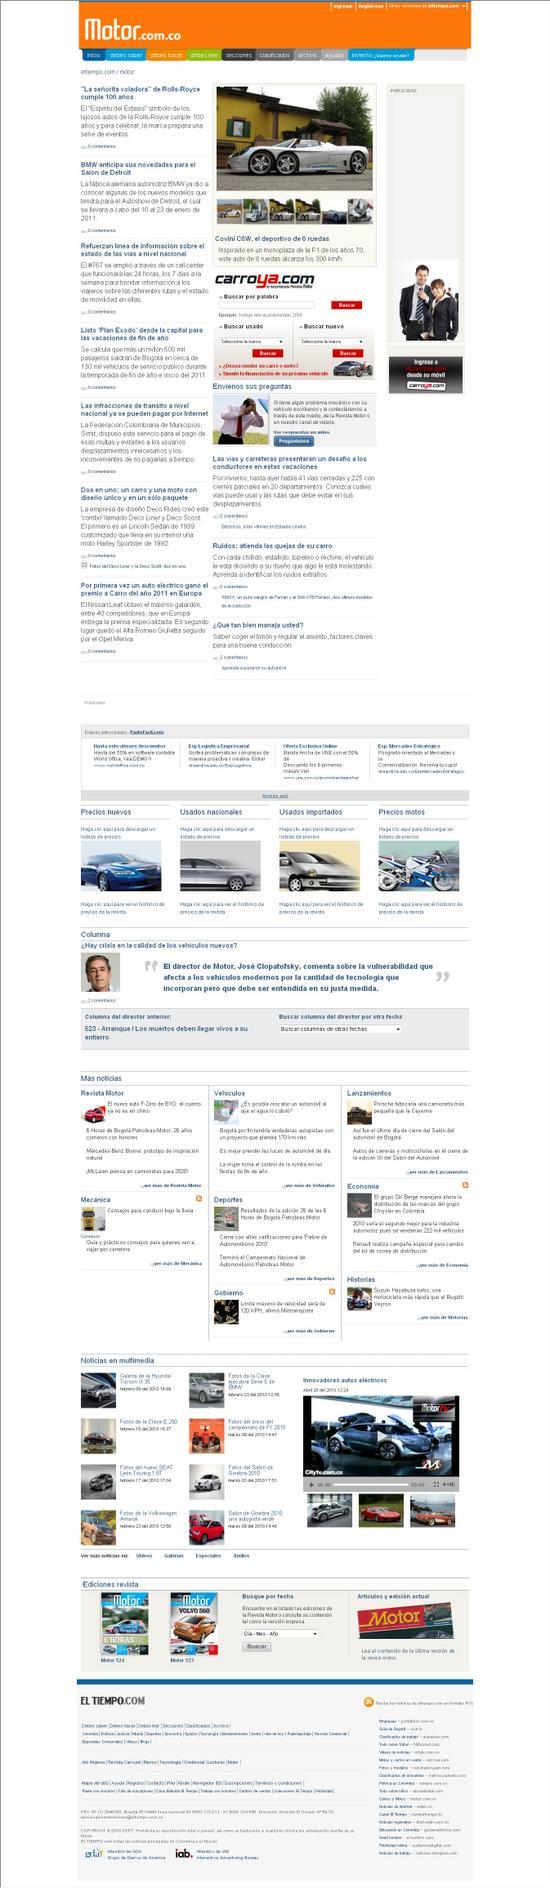 precios revista motor web motor.com.co